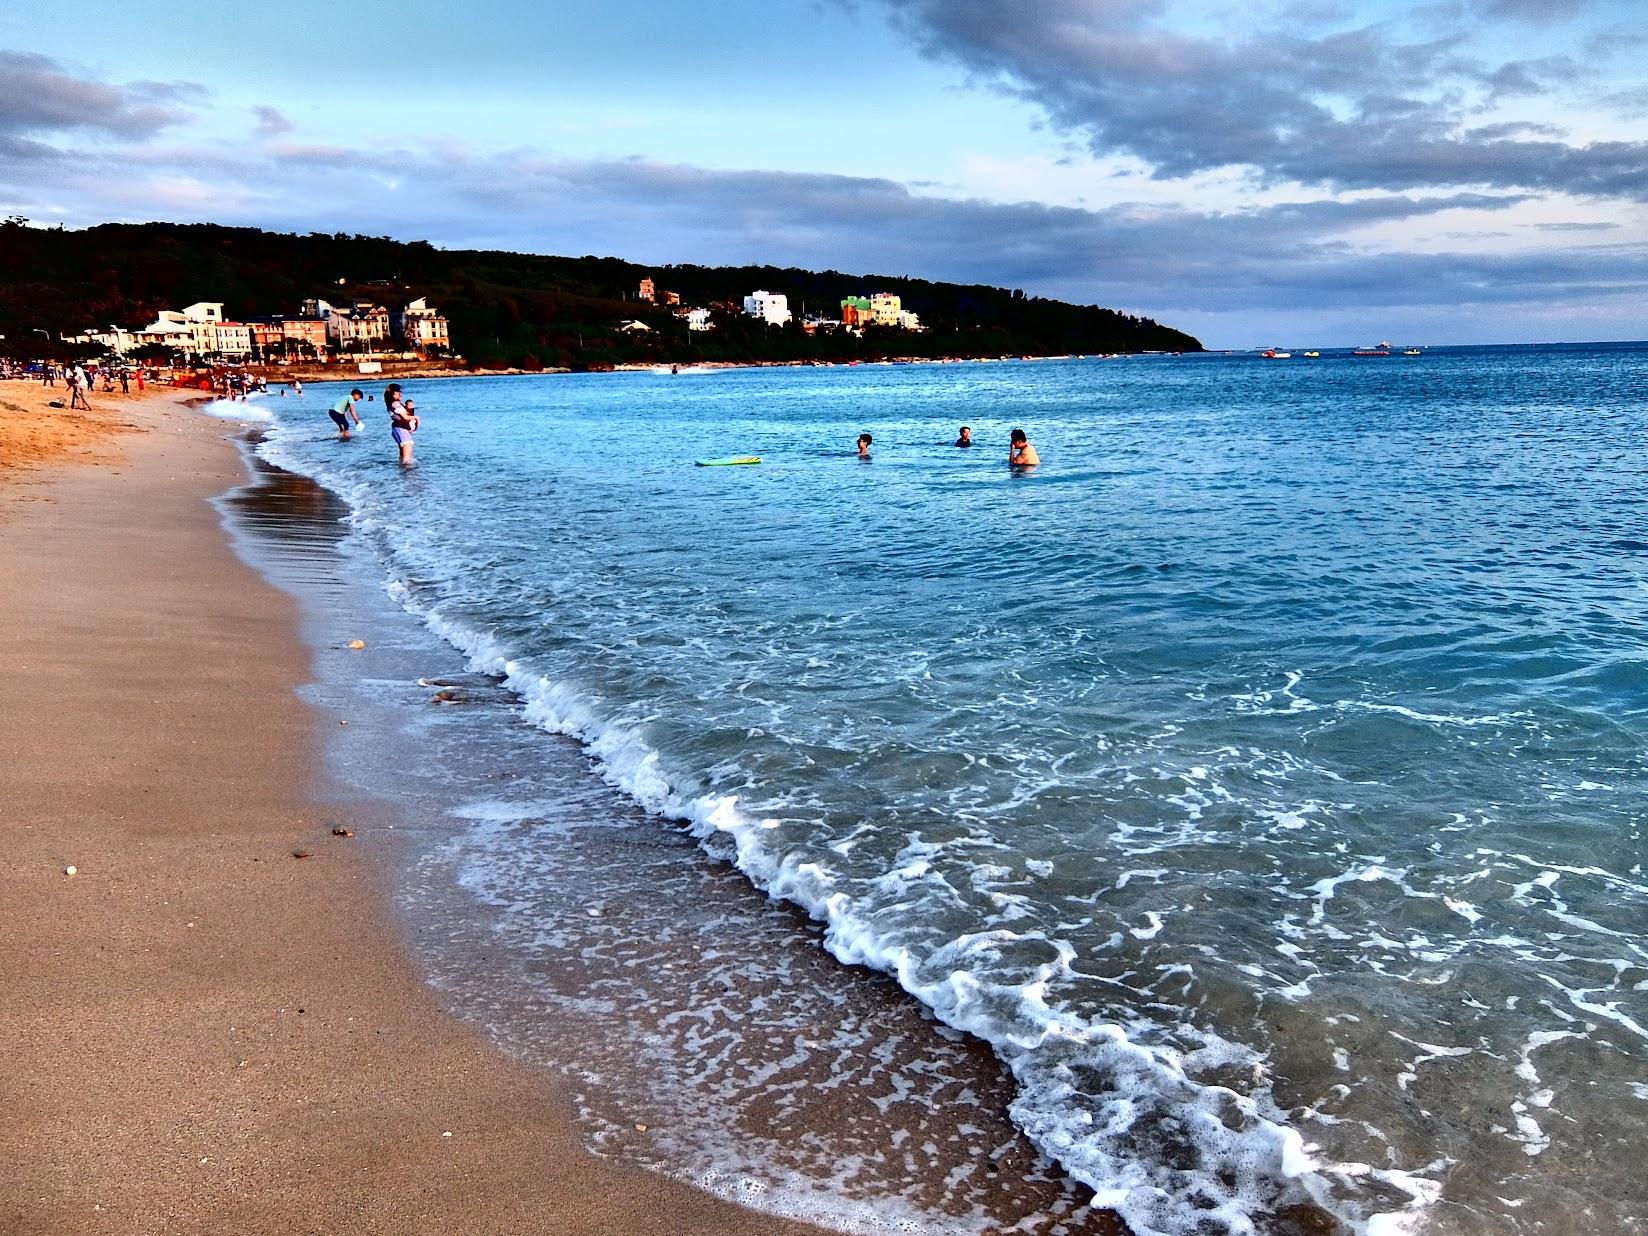 傍晚時分,天氣還是很棒,海浪還是漂亮..